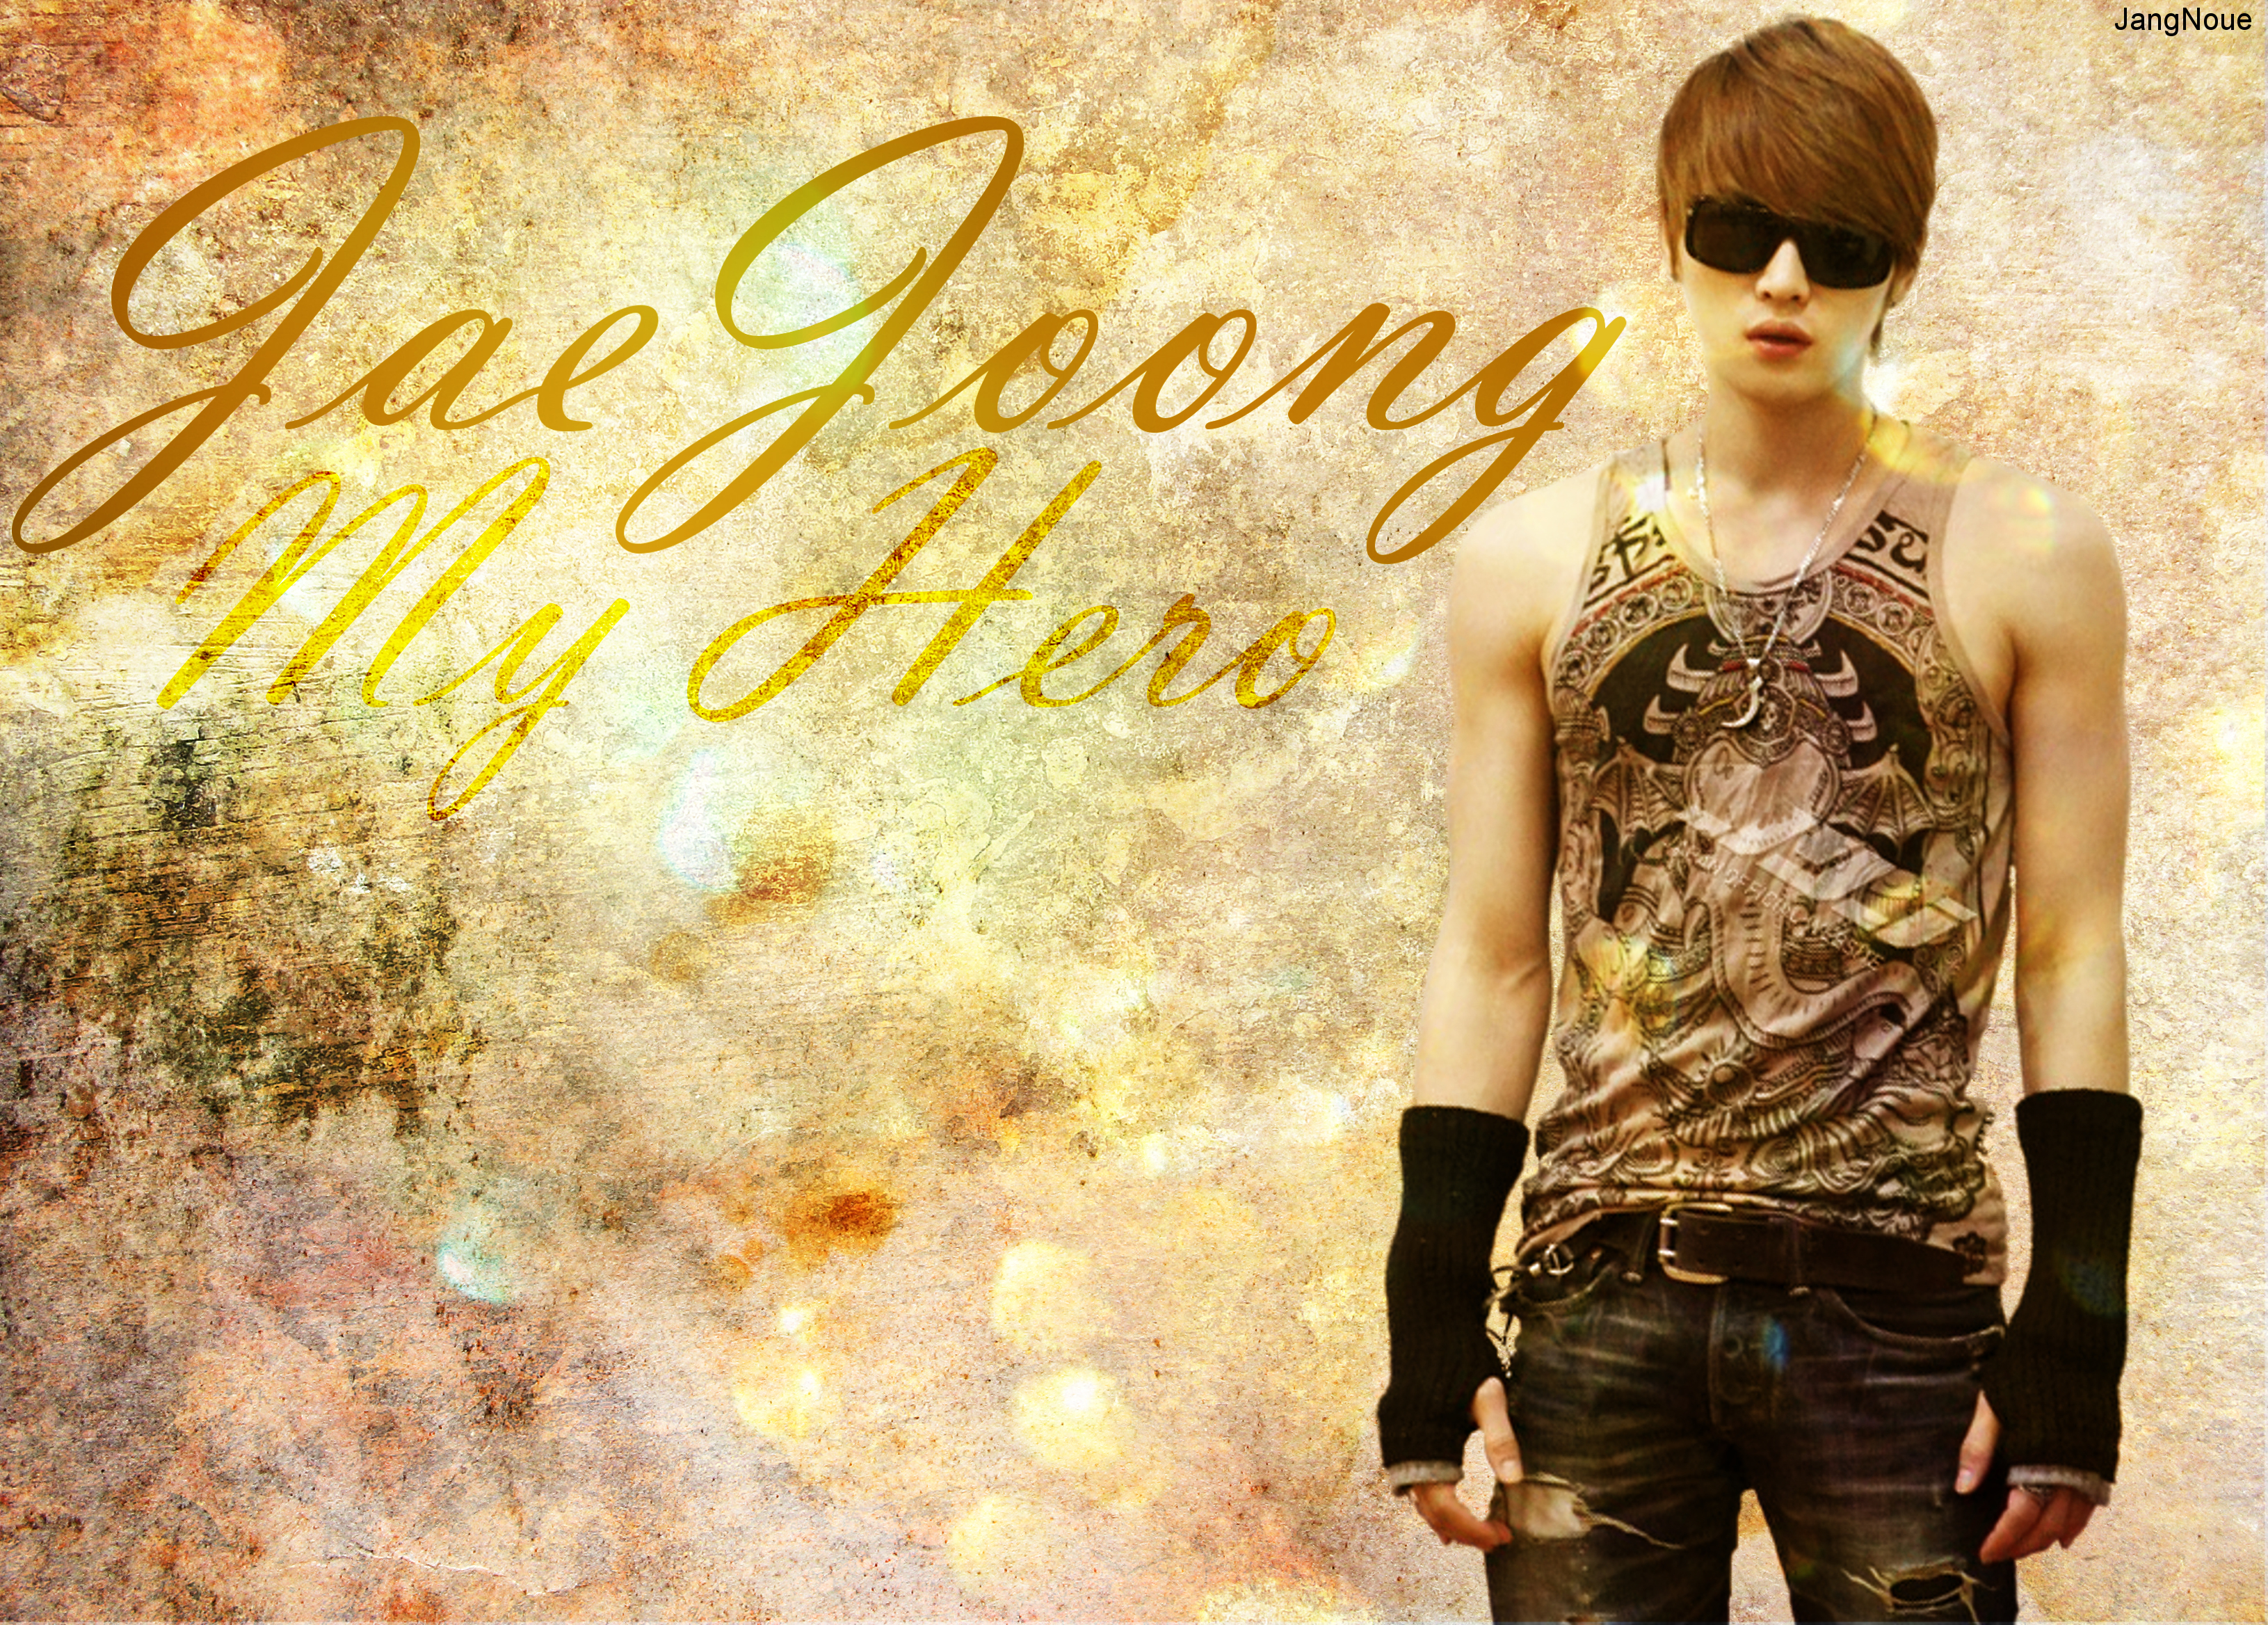 My Hero Jaejong by JangNoue